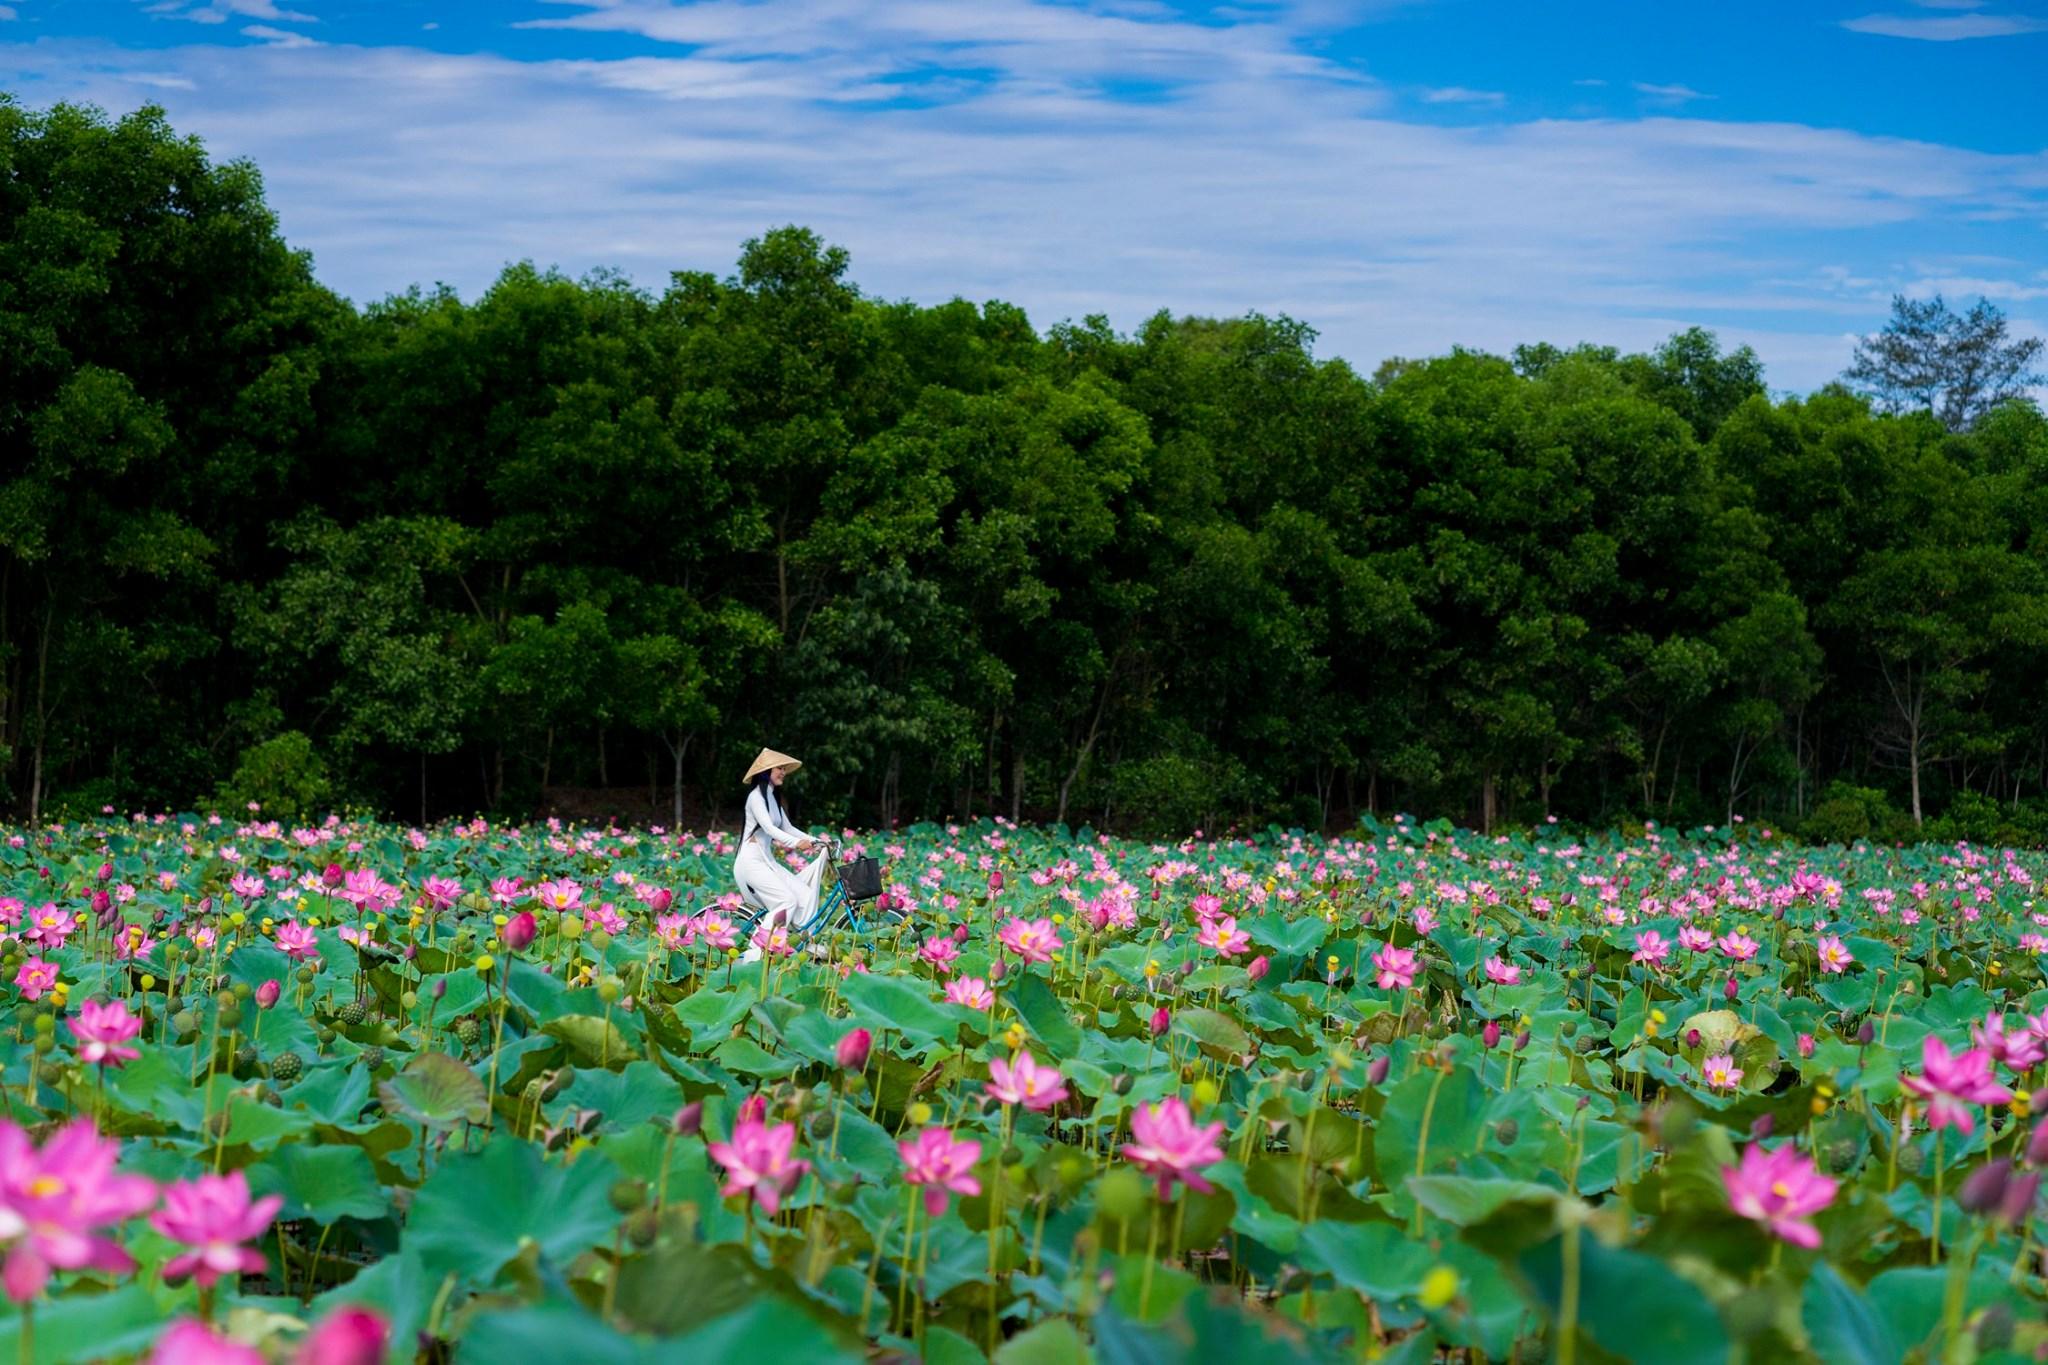 Đầm sen ở huyện Quảng Điền. Hình: Kelvin Long